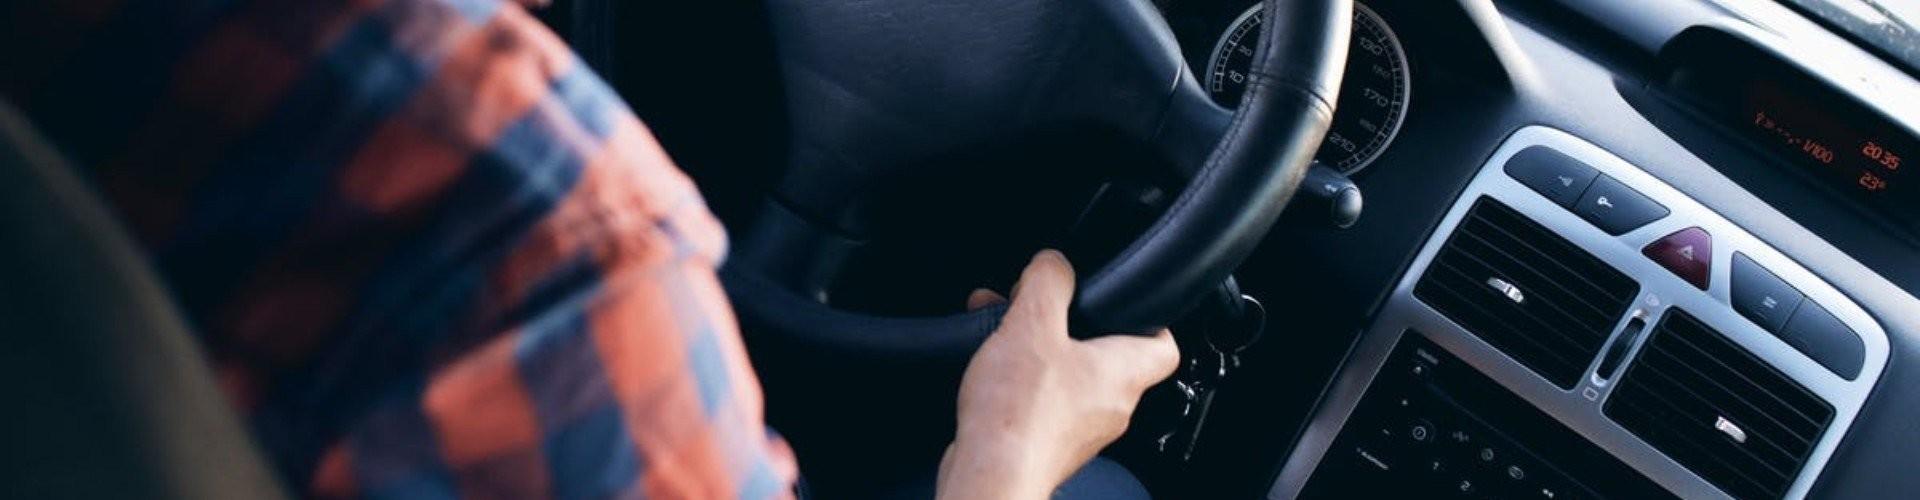 Praca jako kierowca kat. C, C+E, B i D [Ile zarabia kierowca?]